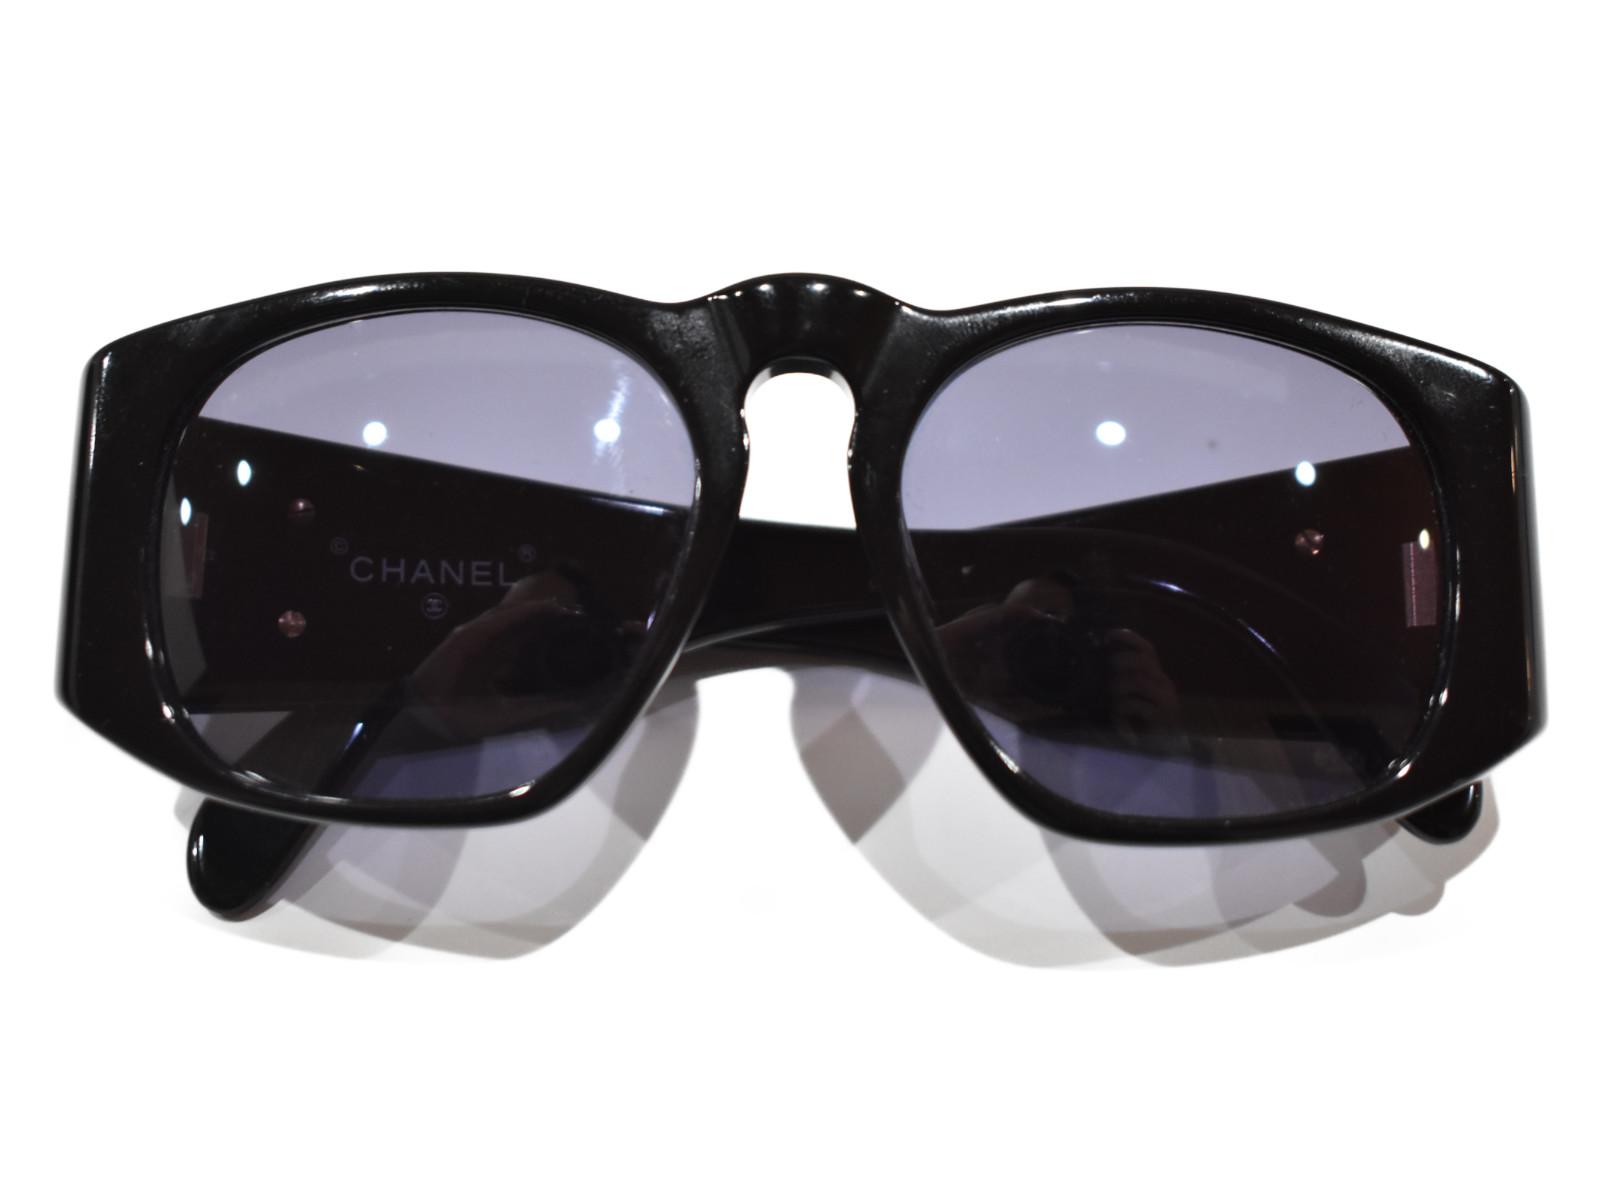 【箱・布袋あり】CHANEL ヴィンテージ マトラッセ サングラス ブラック ココマーク レディース メンズ ユニセックス 【中古】